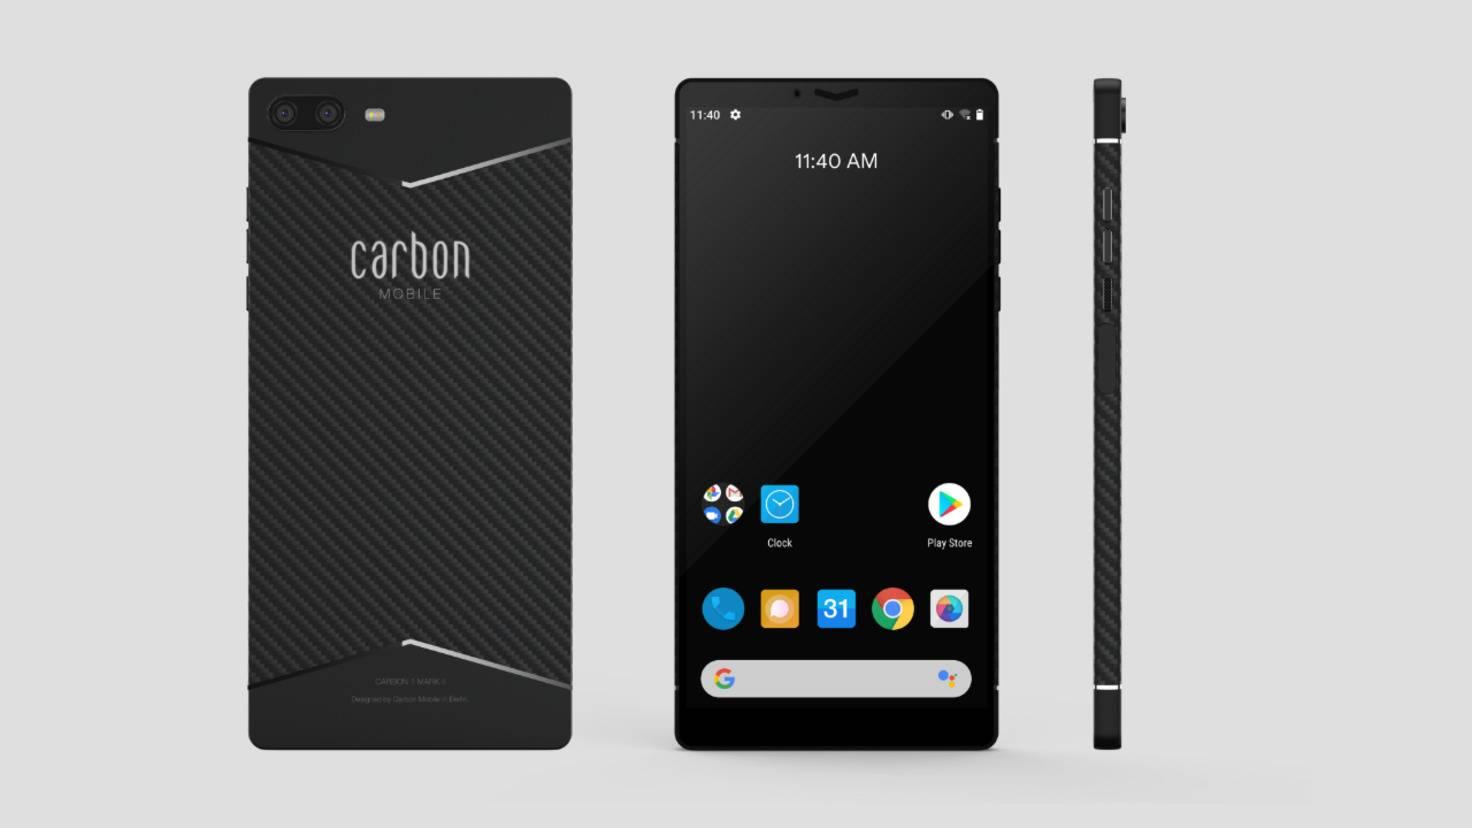 carbon 1 mk2 von allen seiten